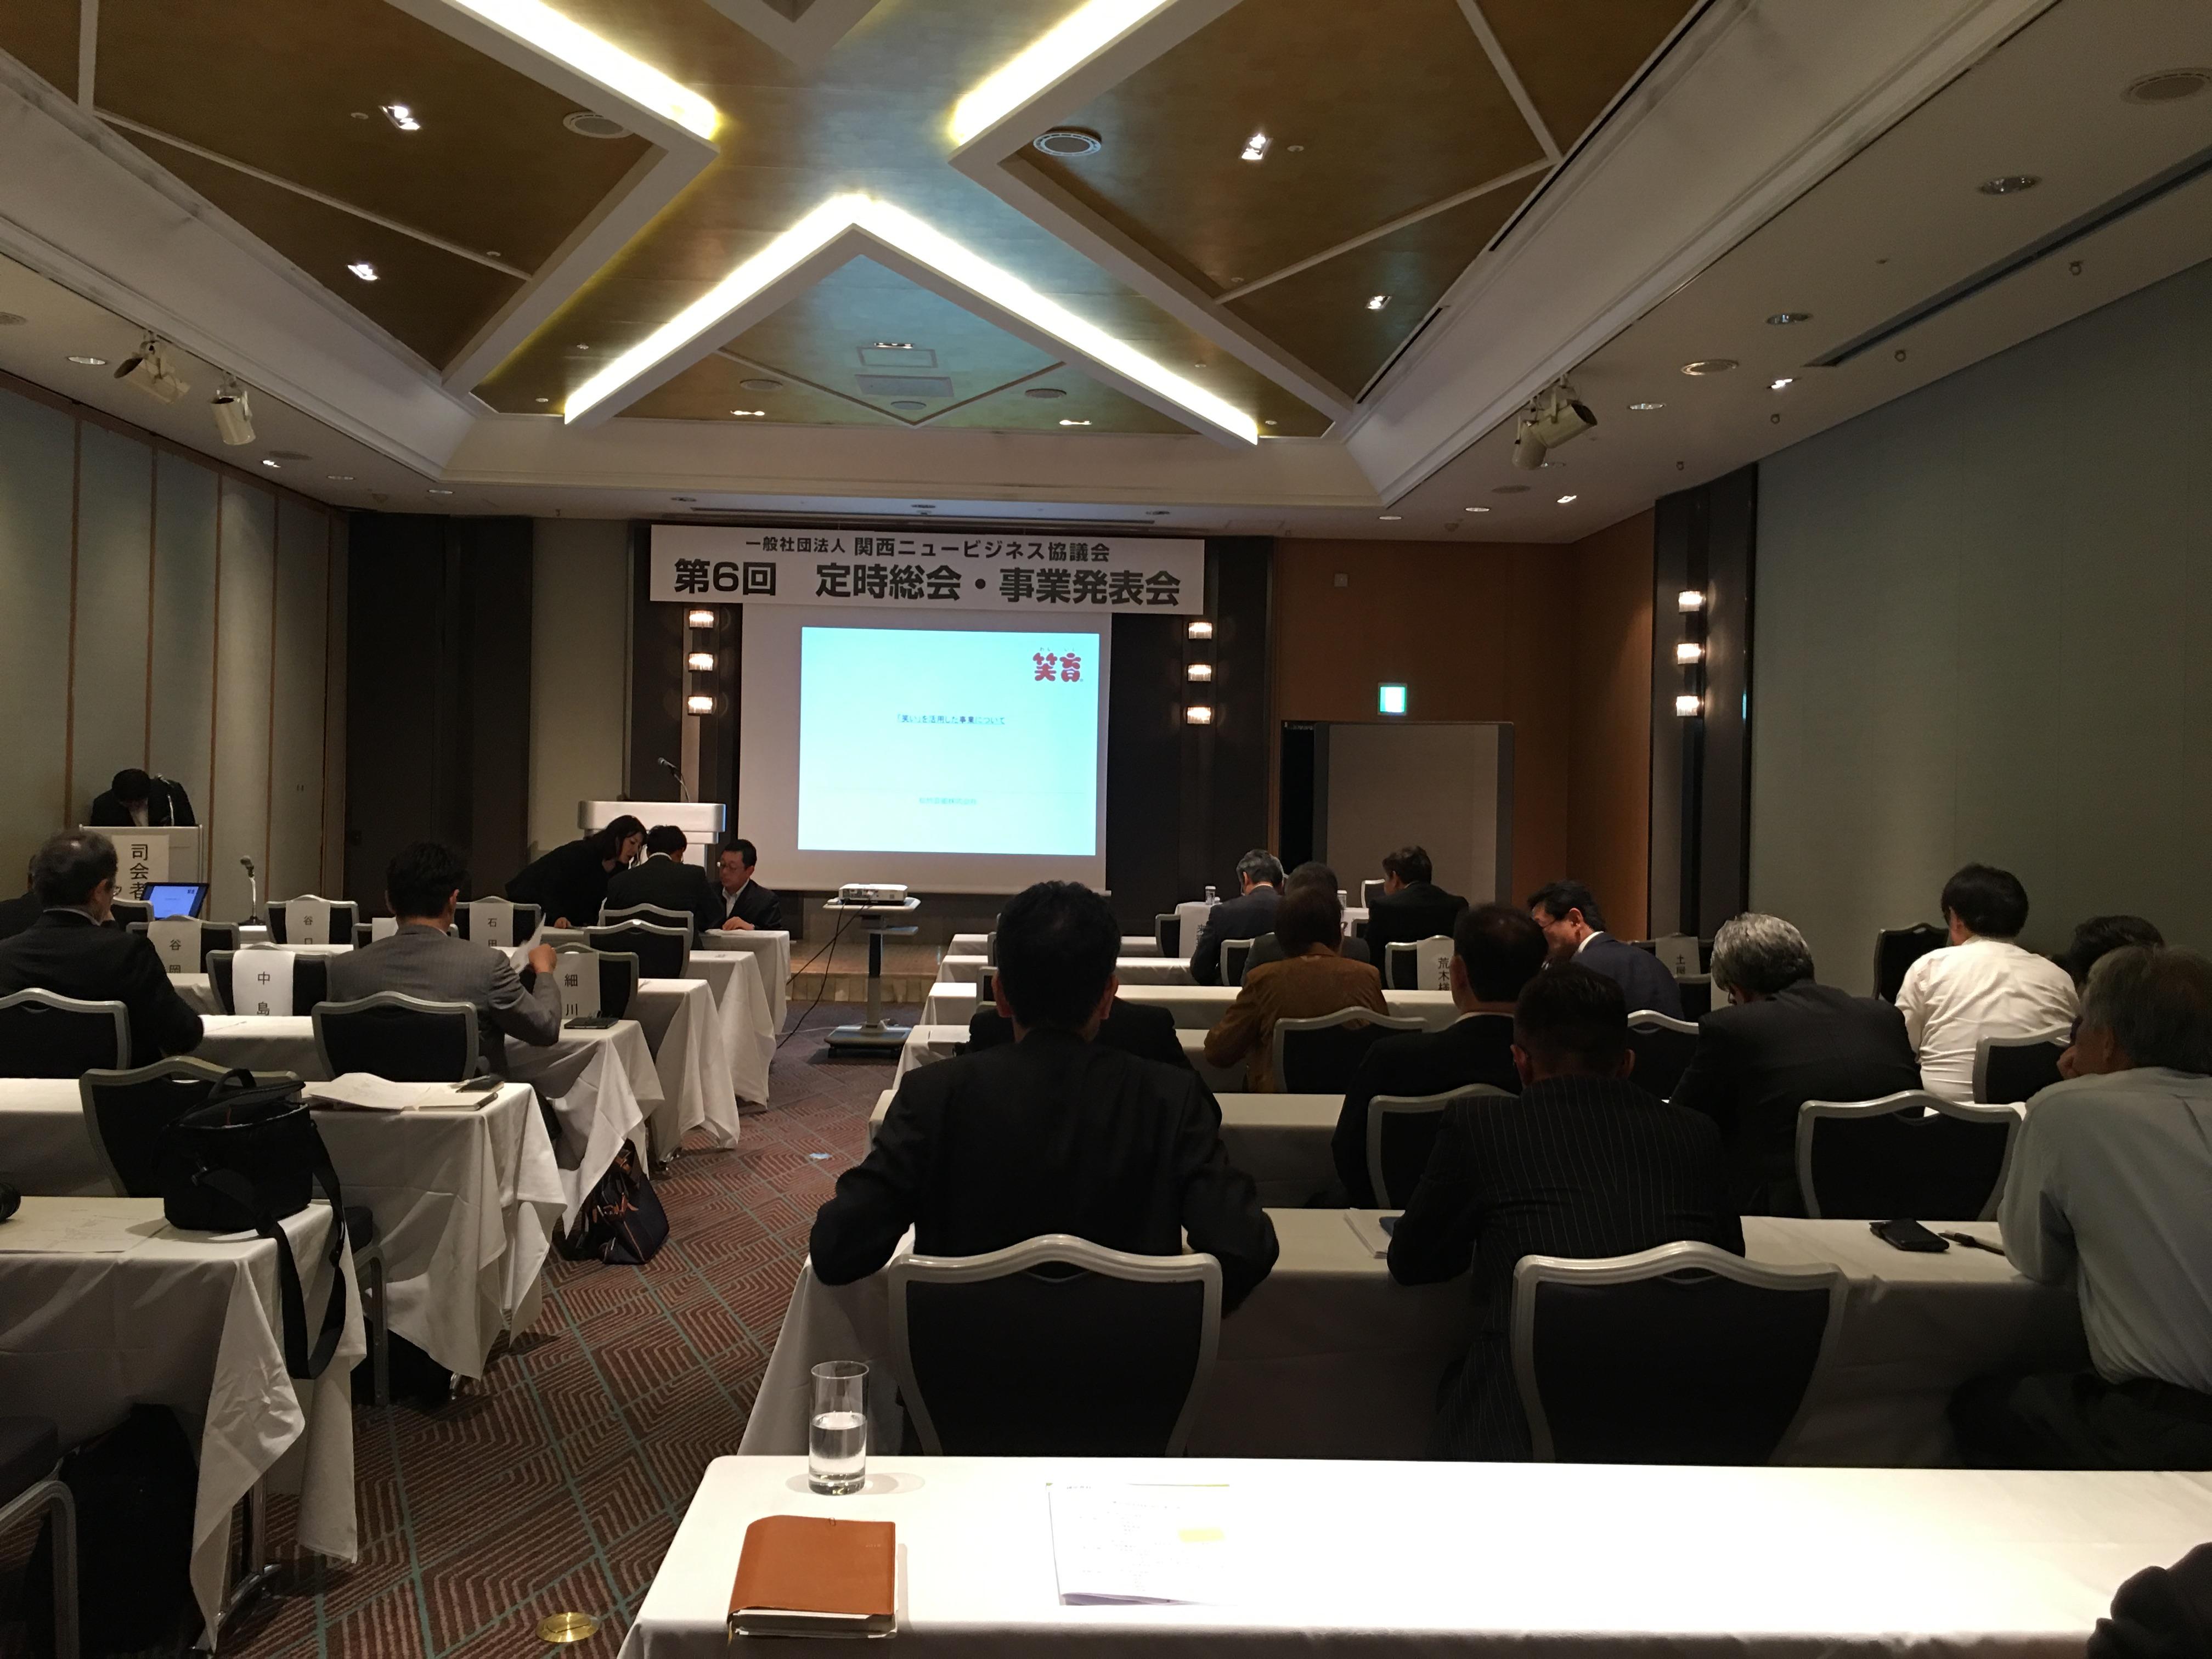 関西ニュービジネス協議会 http://www.ankh-jp.com